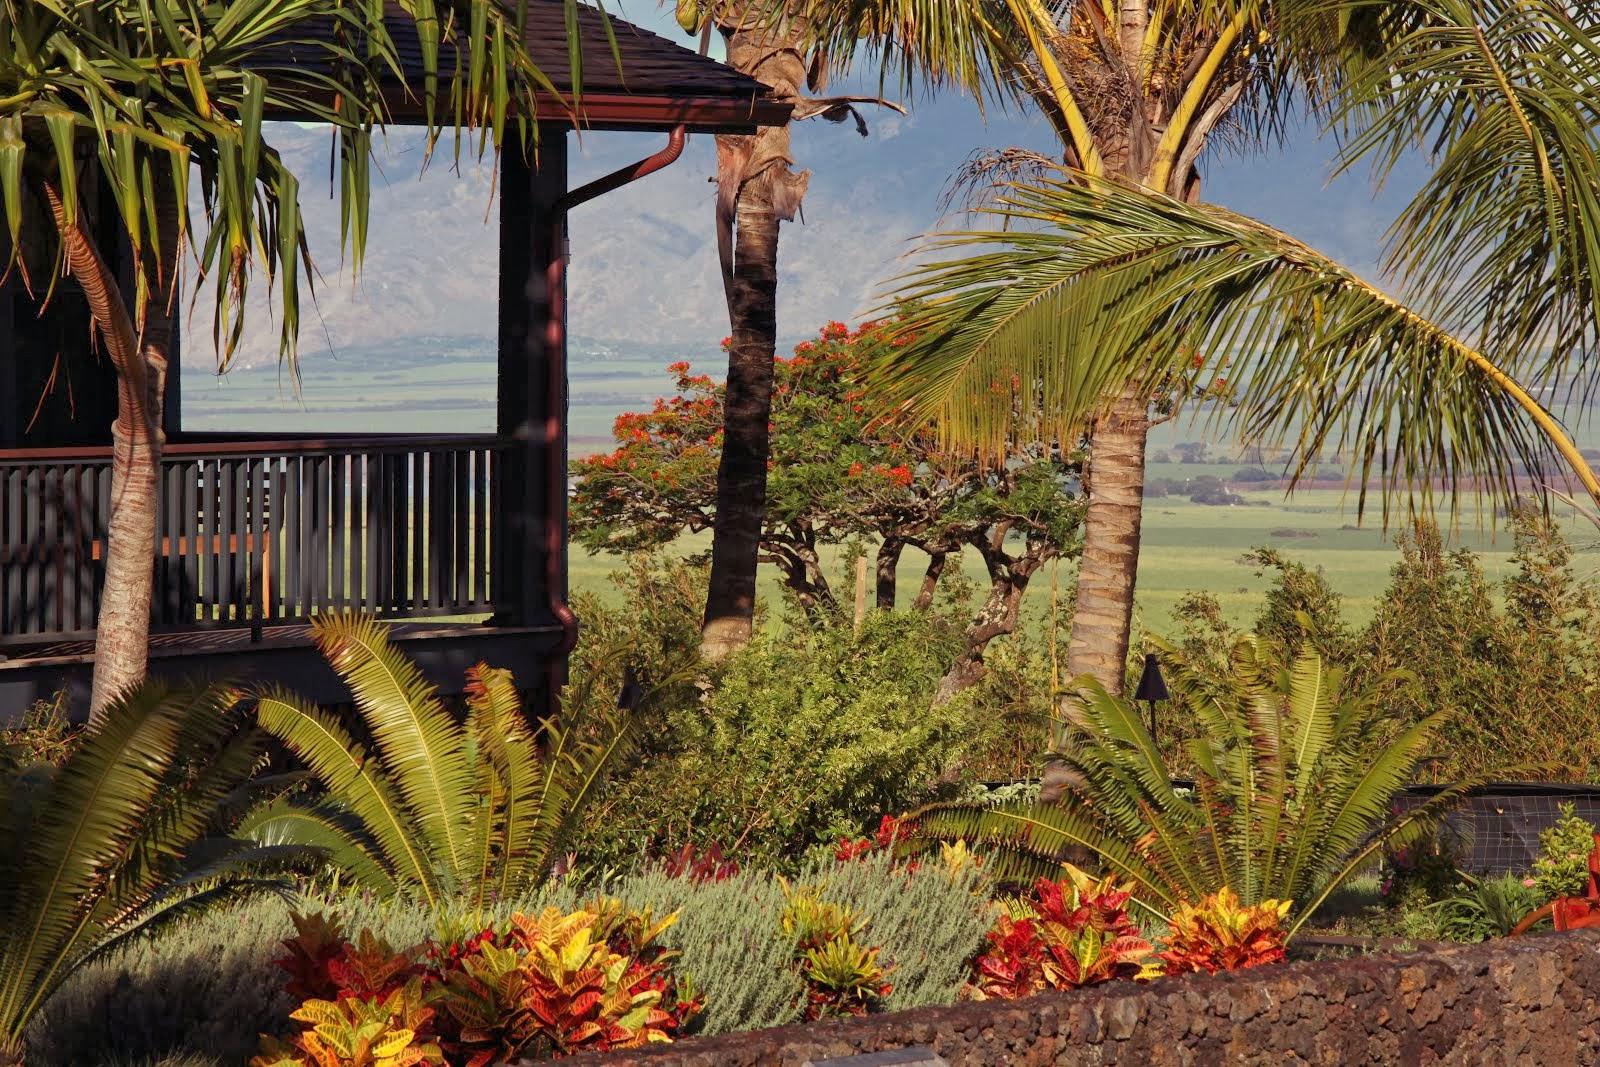 Mountain View at Lumeria Maui